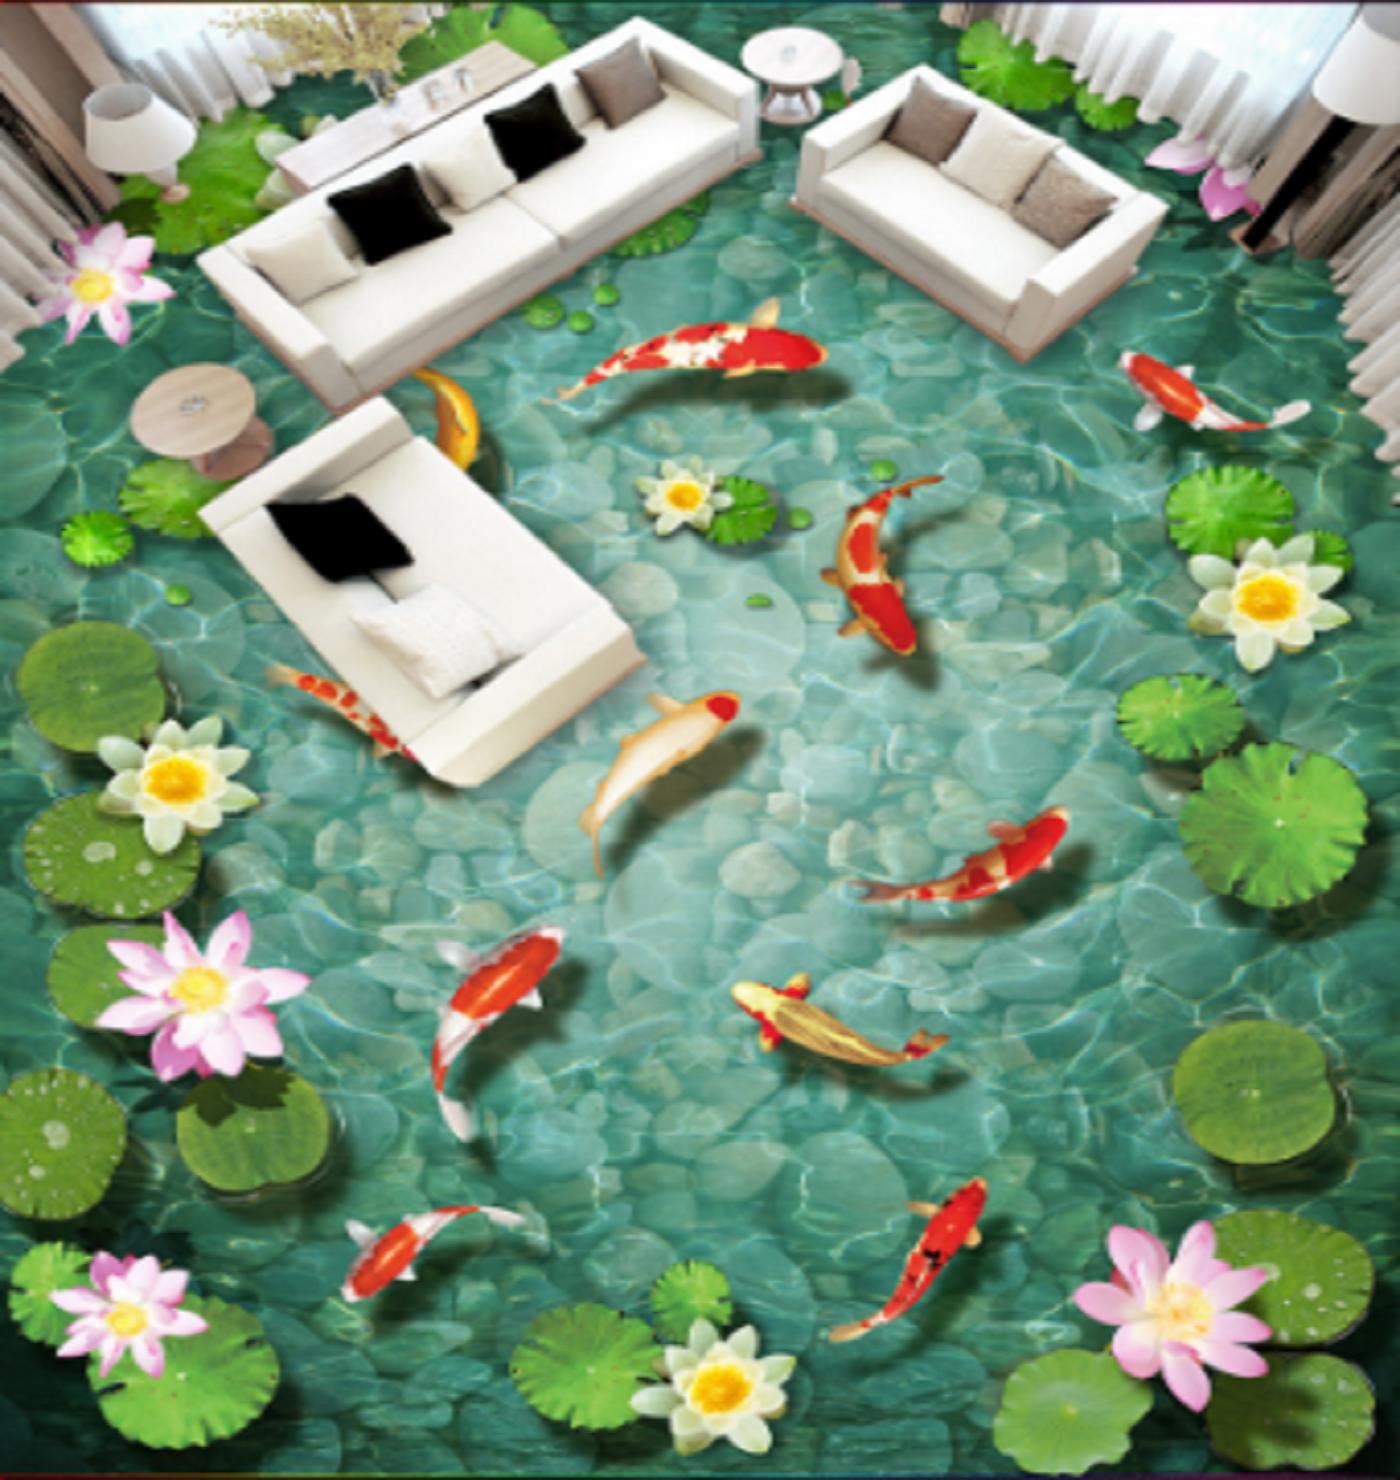 3D Lotus Fish Pond 5 Floor WallPaper Murals Wall Print 5D AJ WALLPAPER UK Lemon